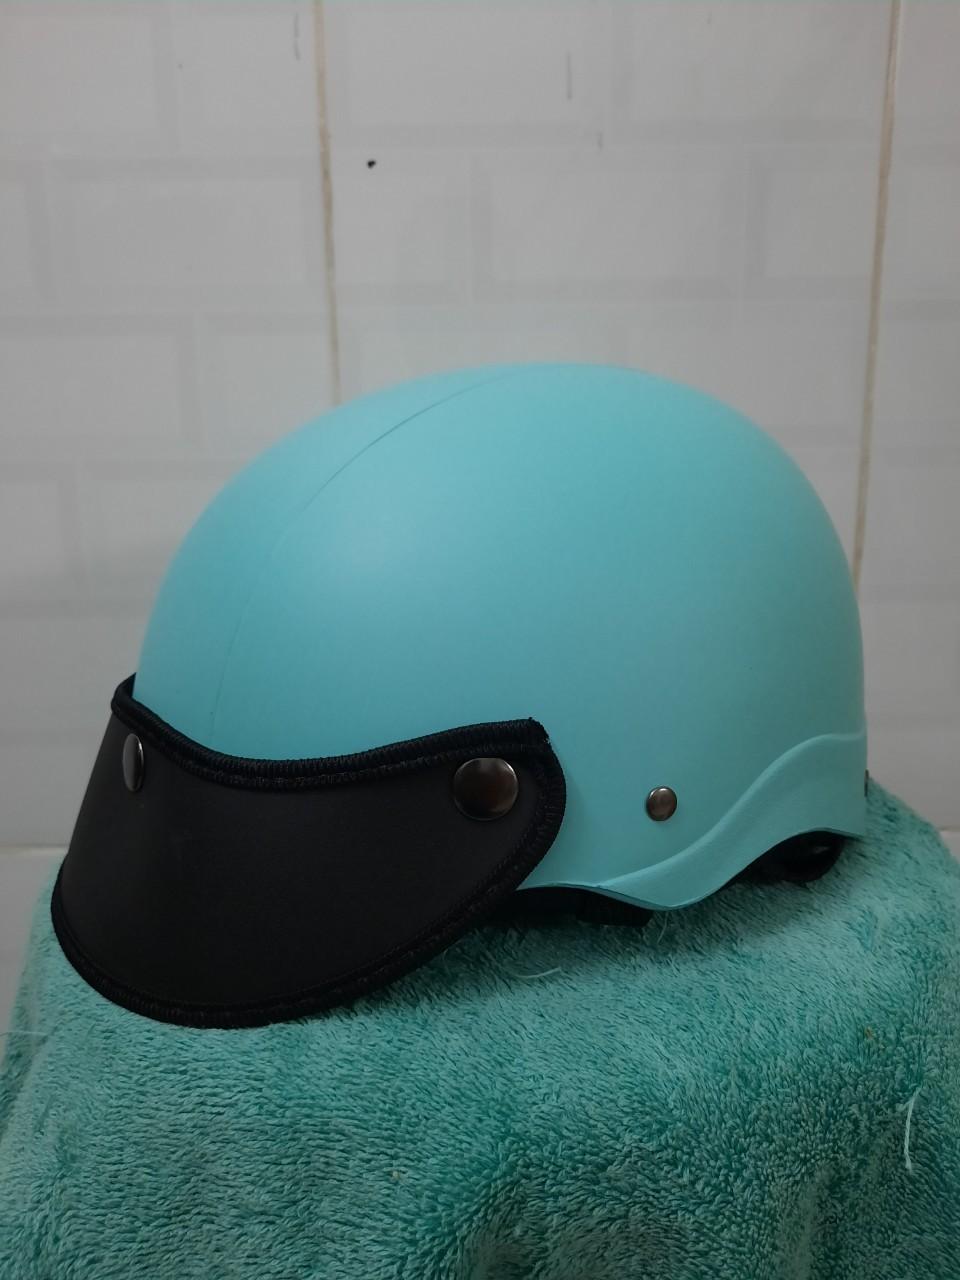 nón bảo hiểm son thời trang xanh ngọc nón bảo hiểm son thời trang xanh ngọc